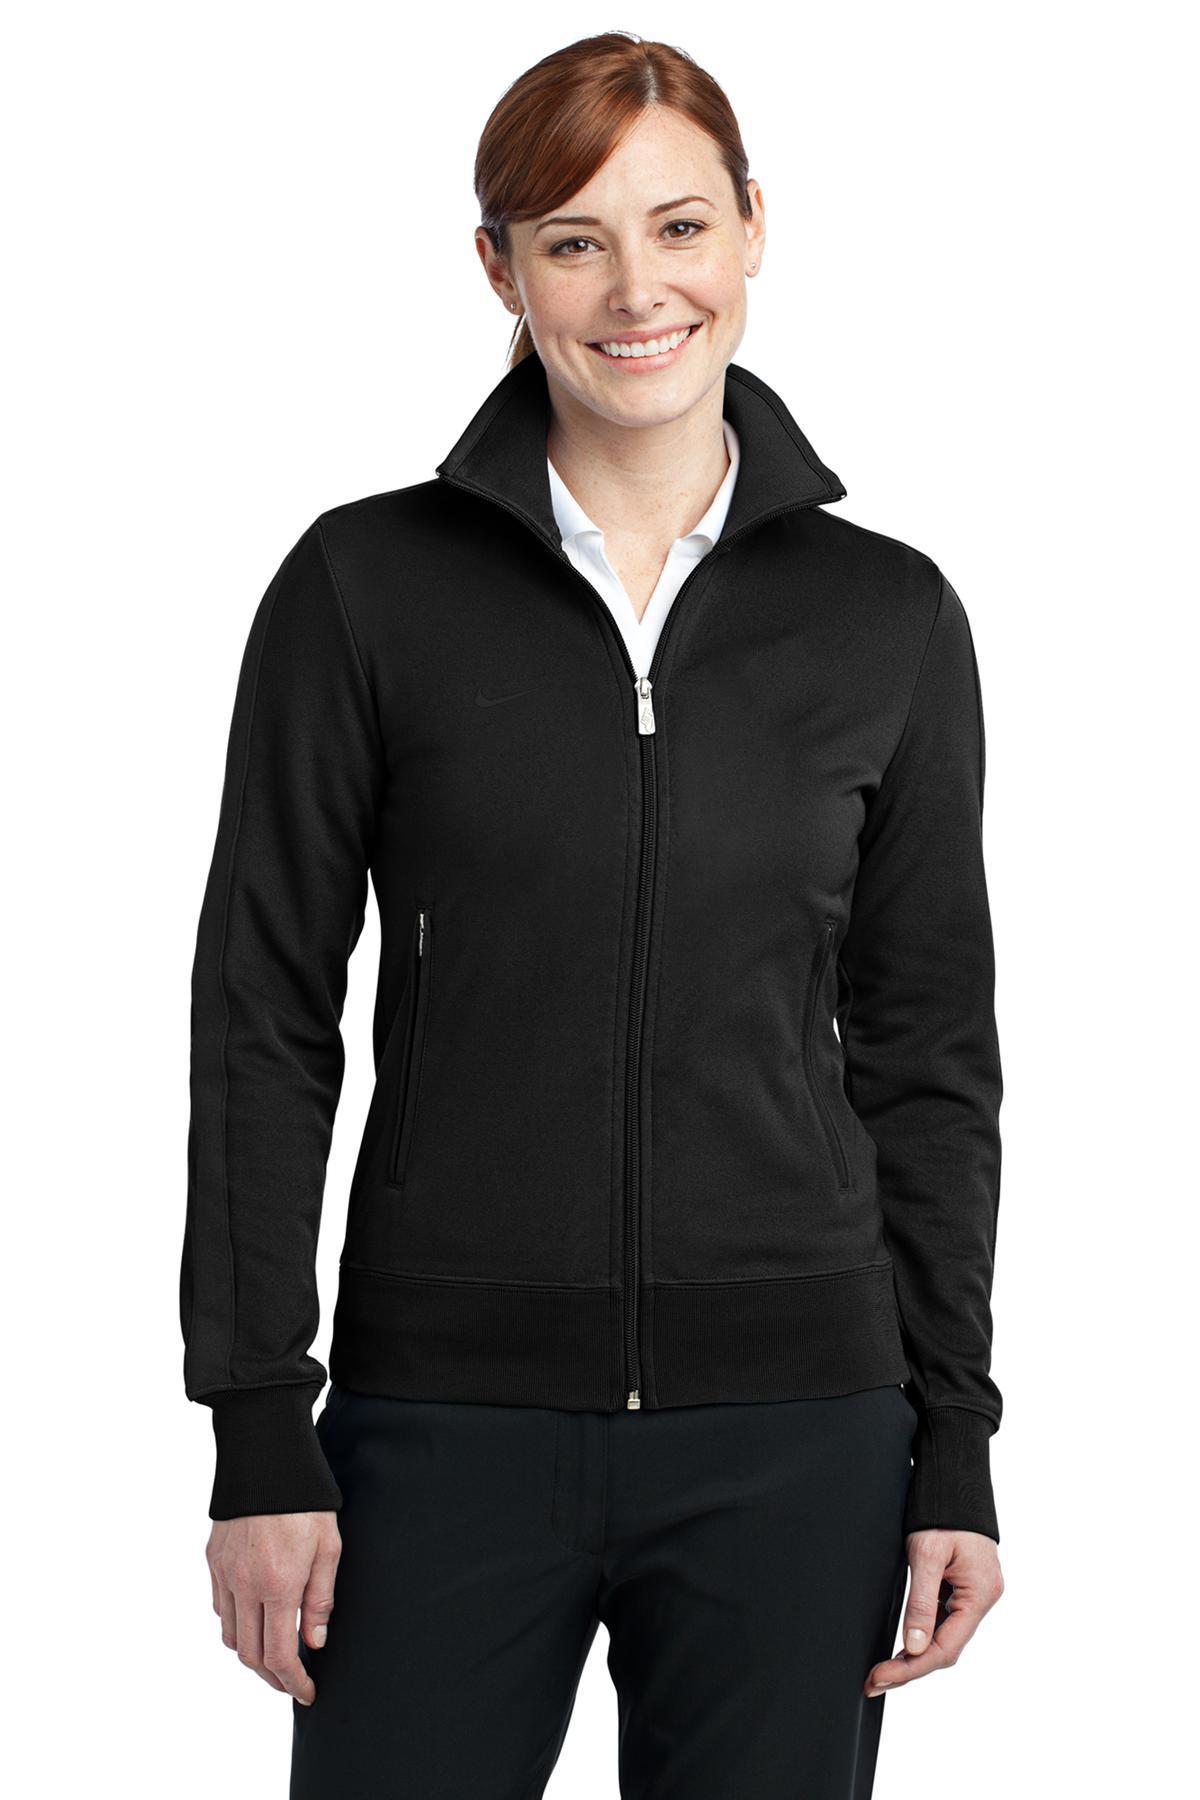 ea1a32afbcef Women s Nike Golf Outerwear Jackets